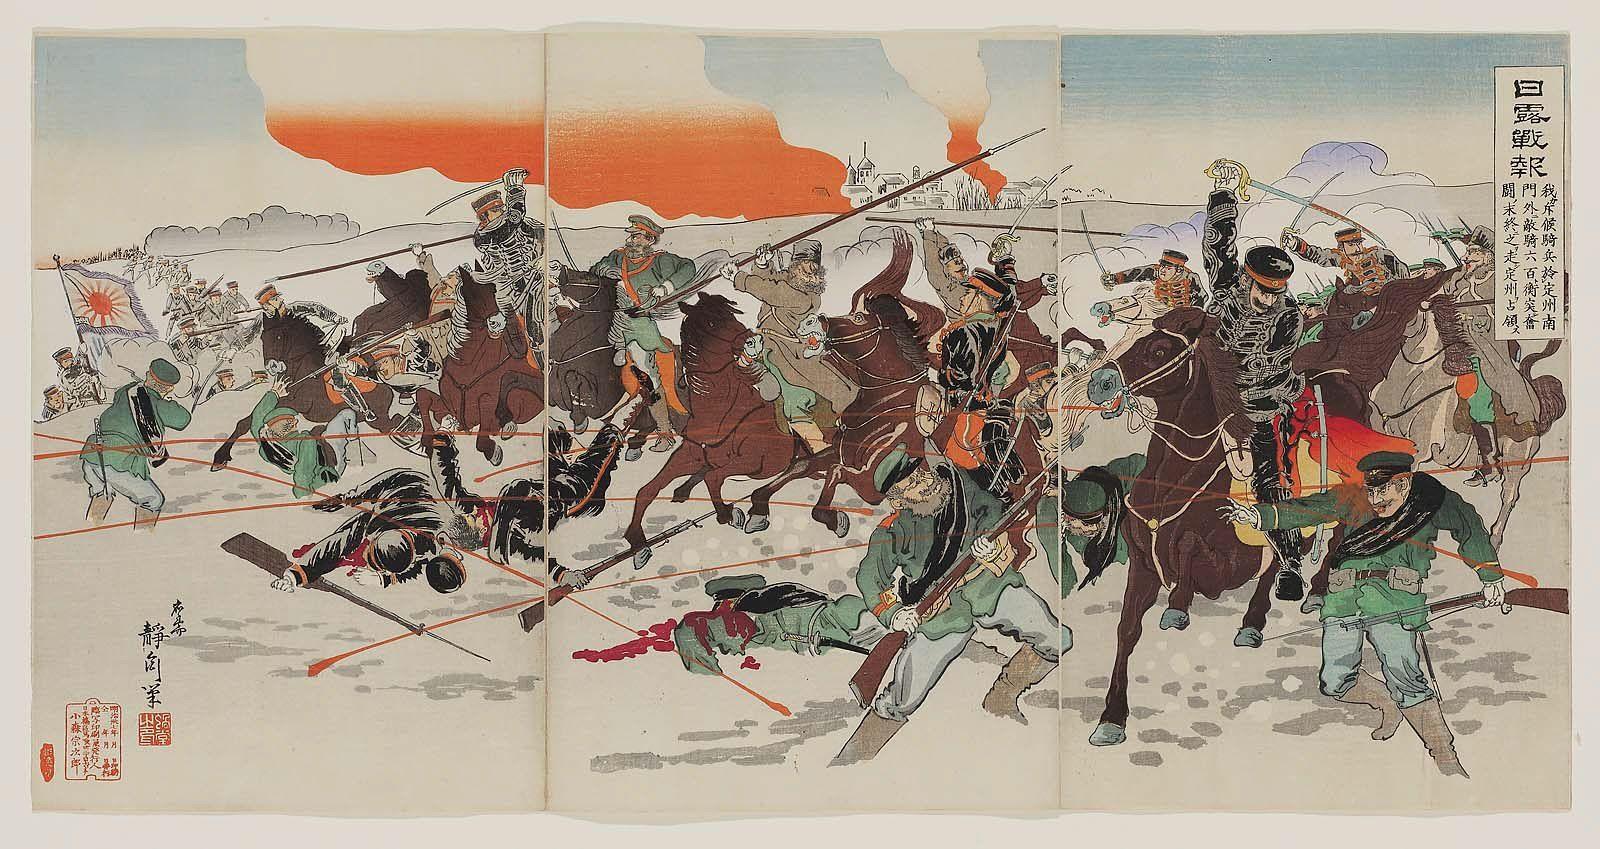 Combat Entre La Cavalerie Russe Et Japonaise Devant La Porte Sud De Chongju